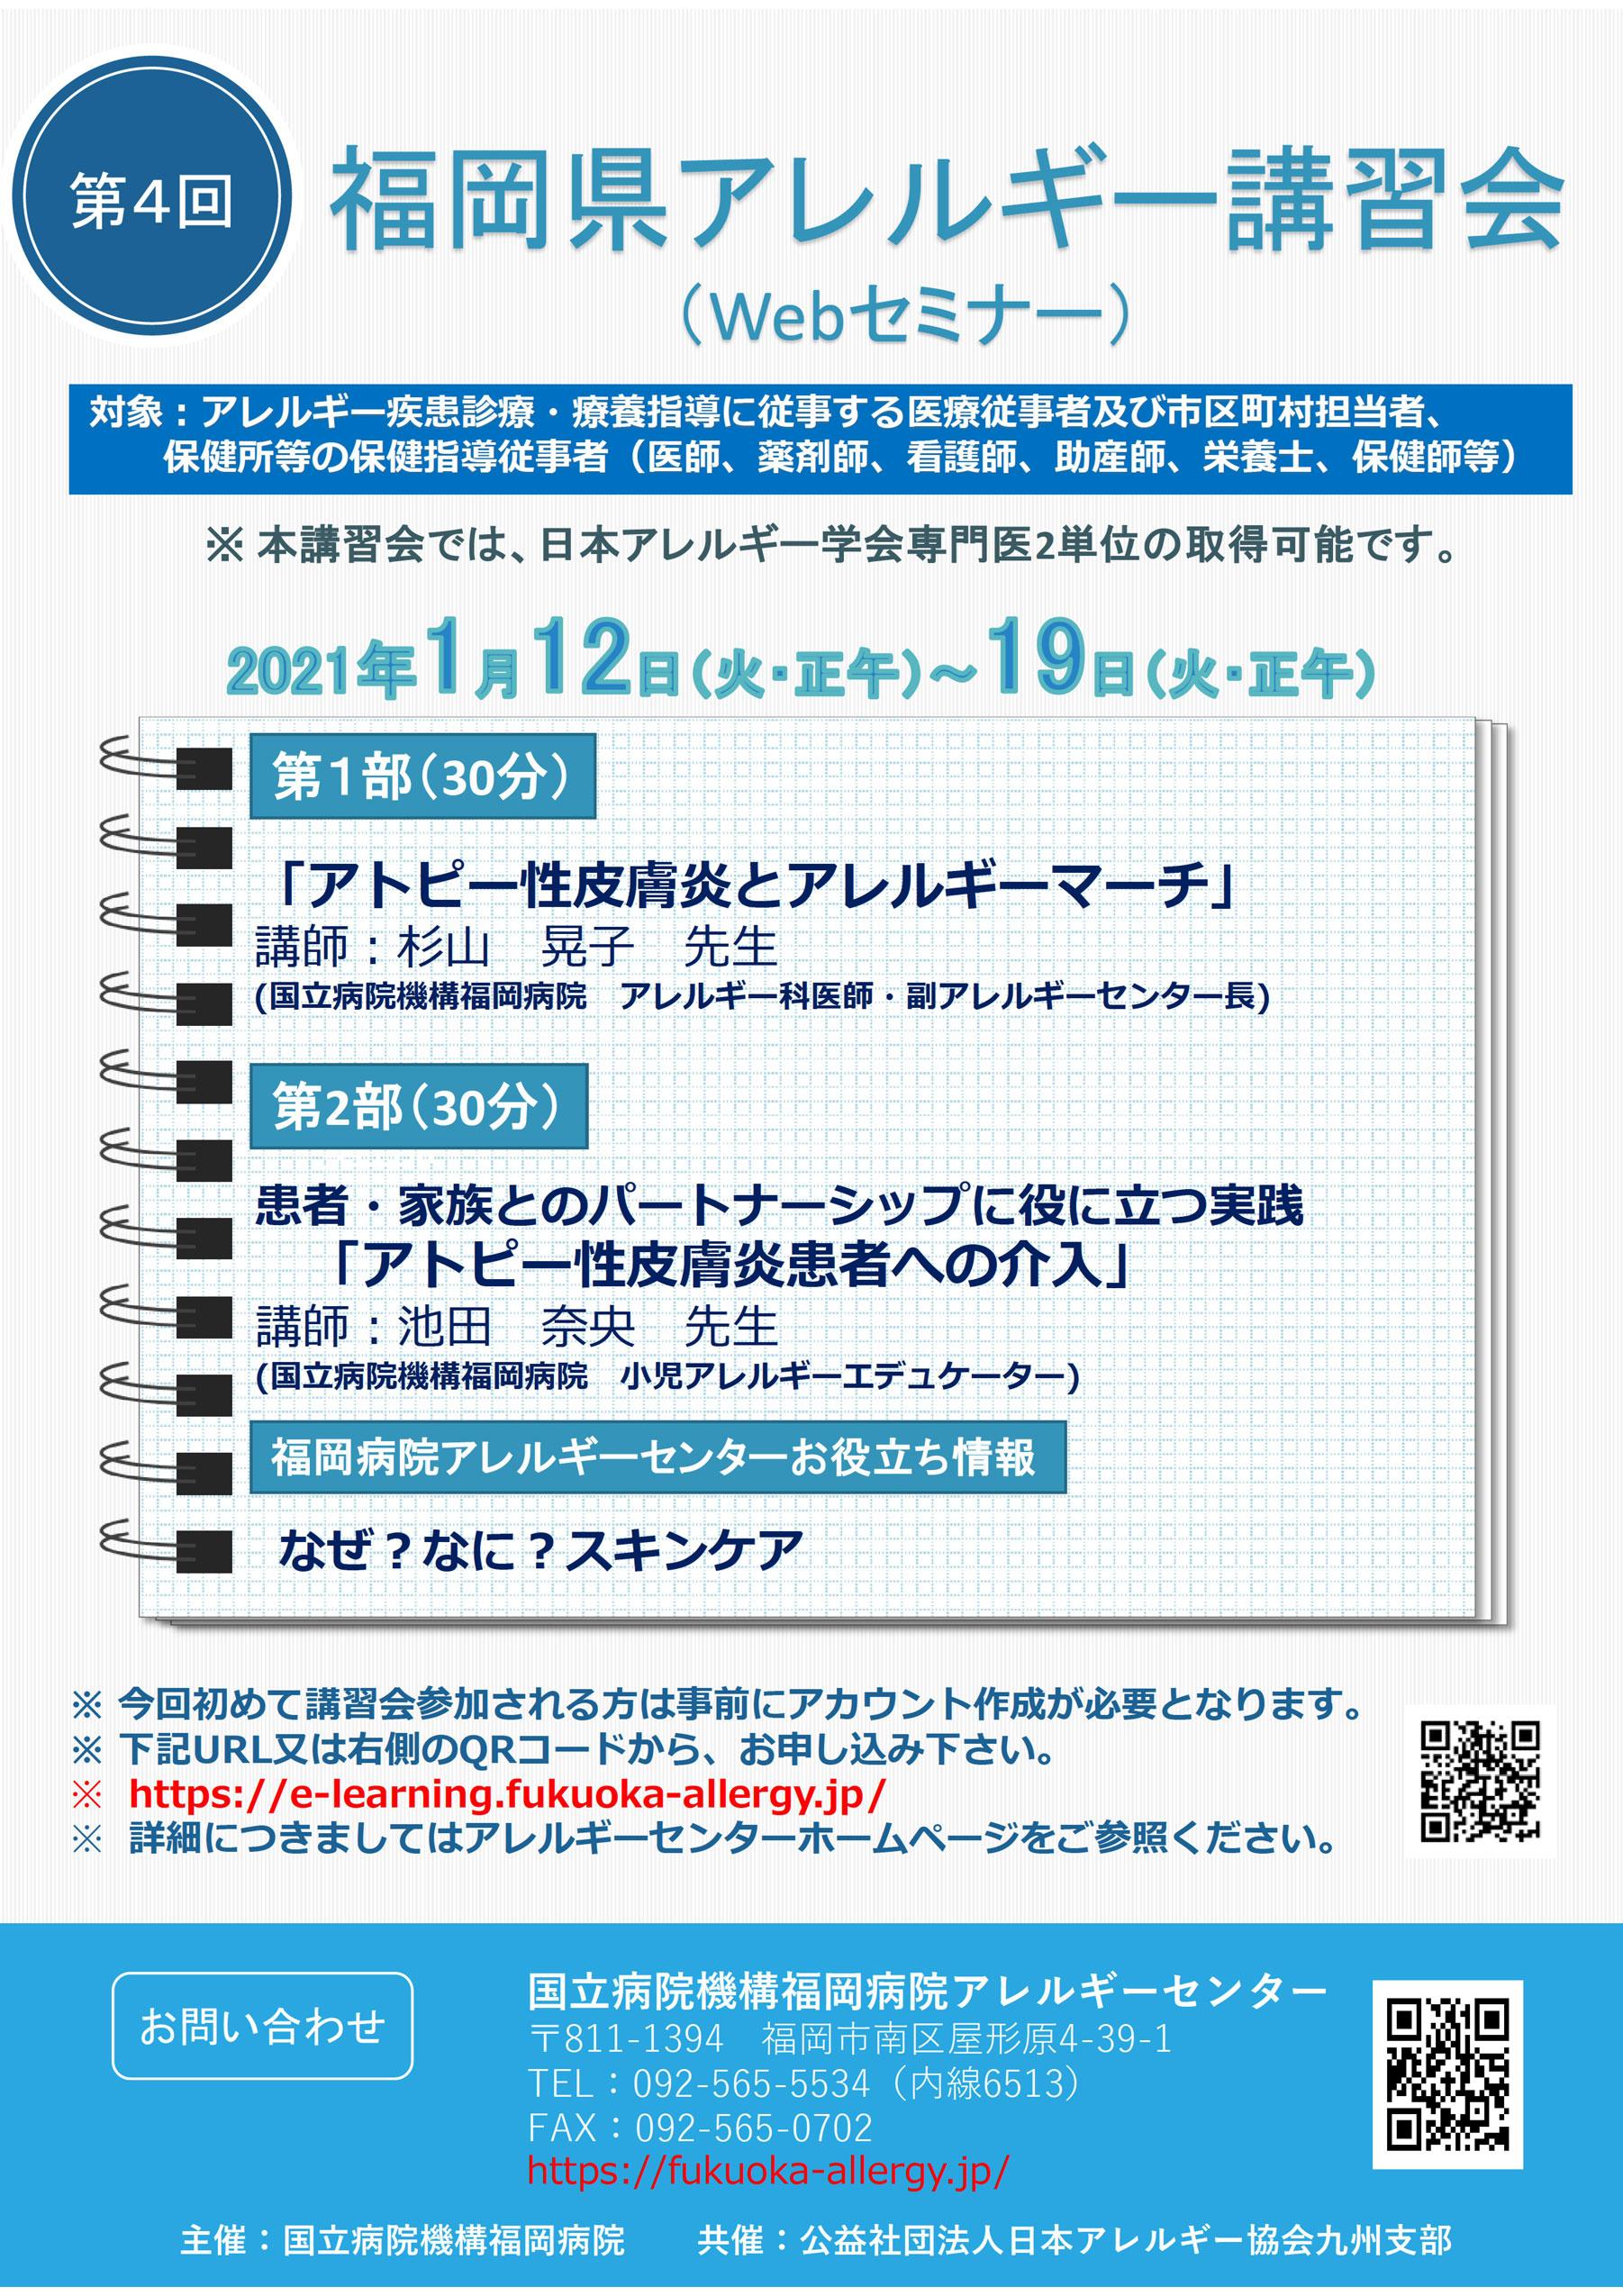 第4回 福岡県アレルギー講習会案内